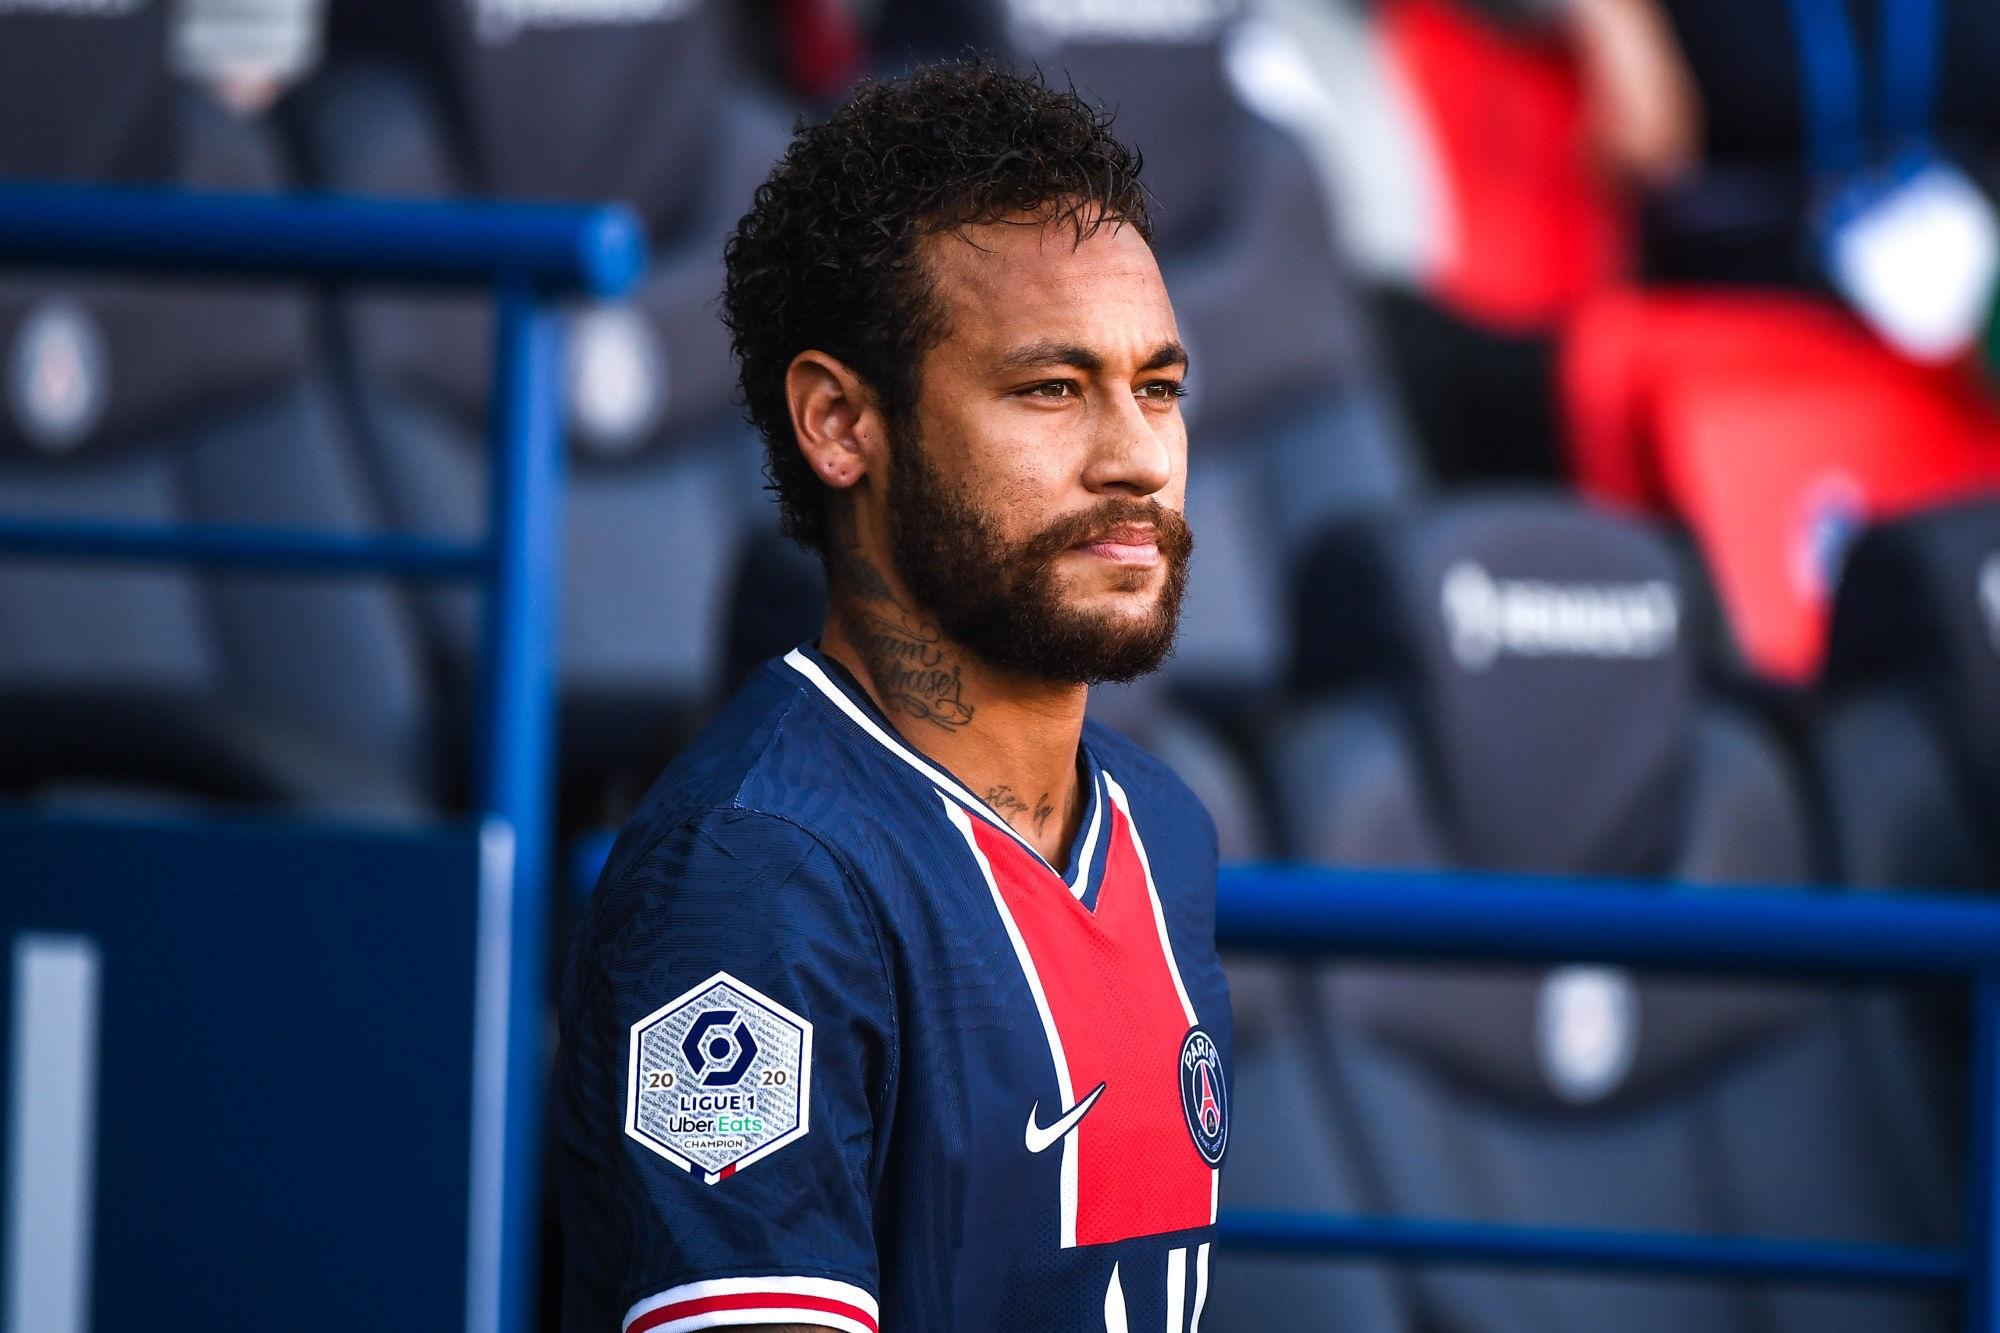 Officiel - Le PSG donnes des nouvelles des blessures de Bernat, Neymar, Gueye et Kehrer